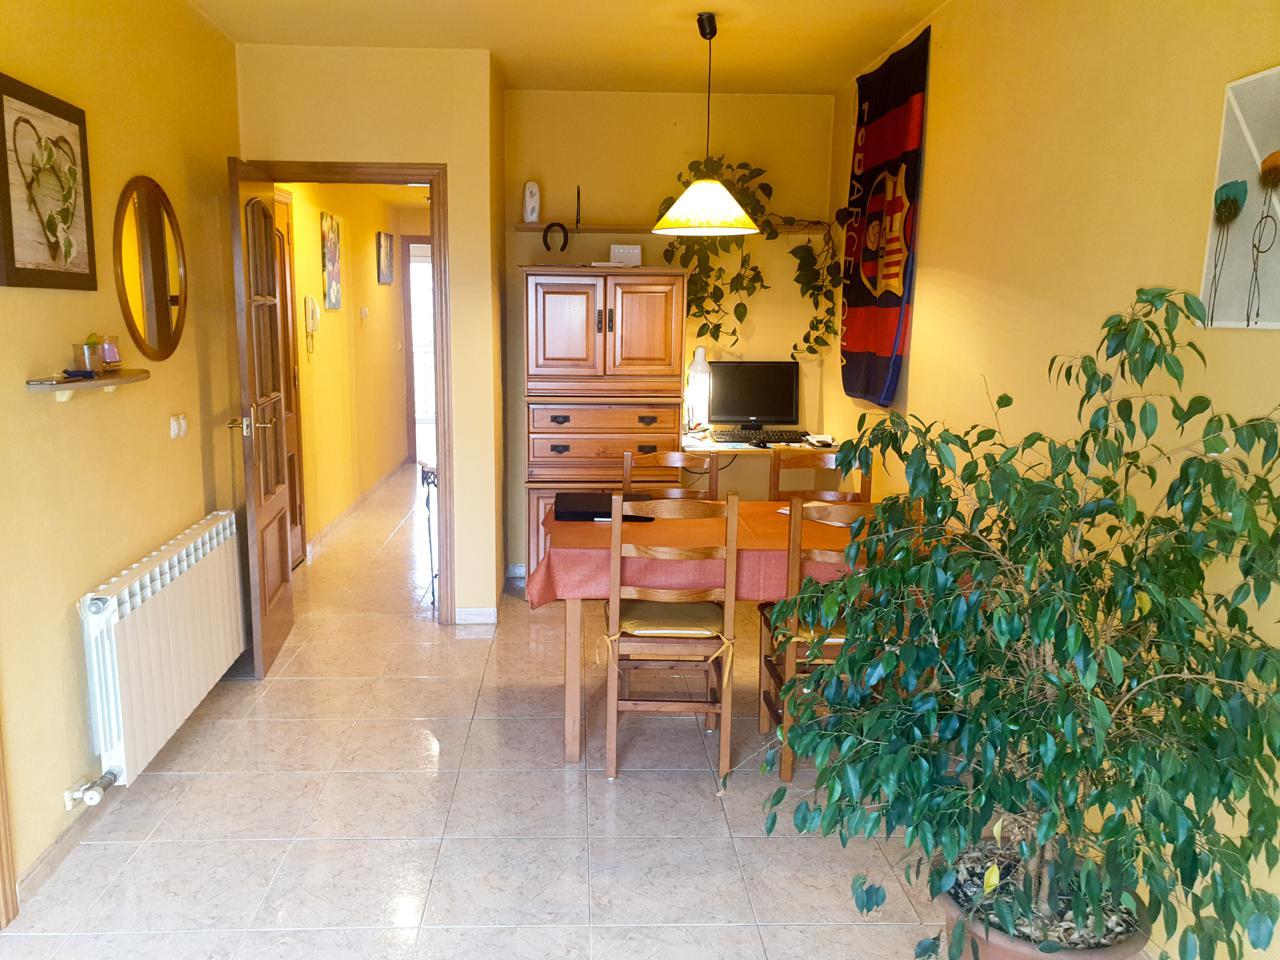 Piso  Calle carrer pau casals. Se vende bonito piso de 2 habitaciones y 1 baño en pleno centro